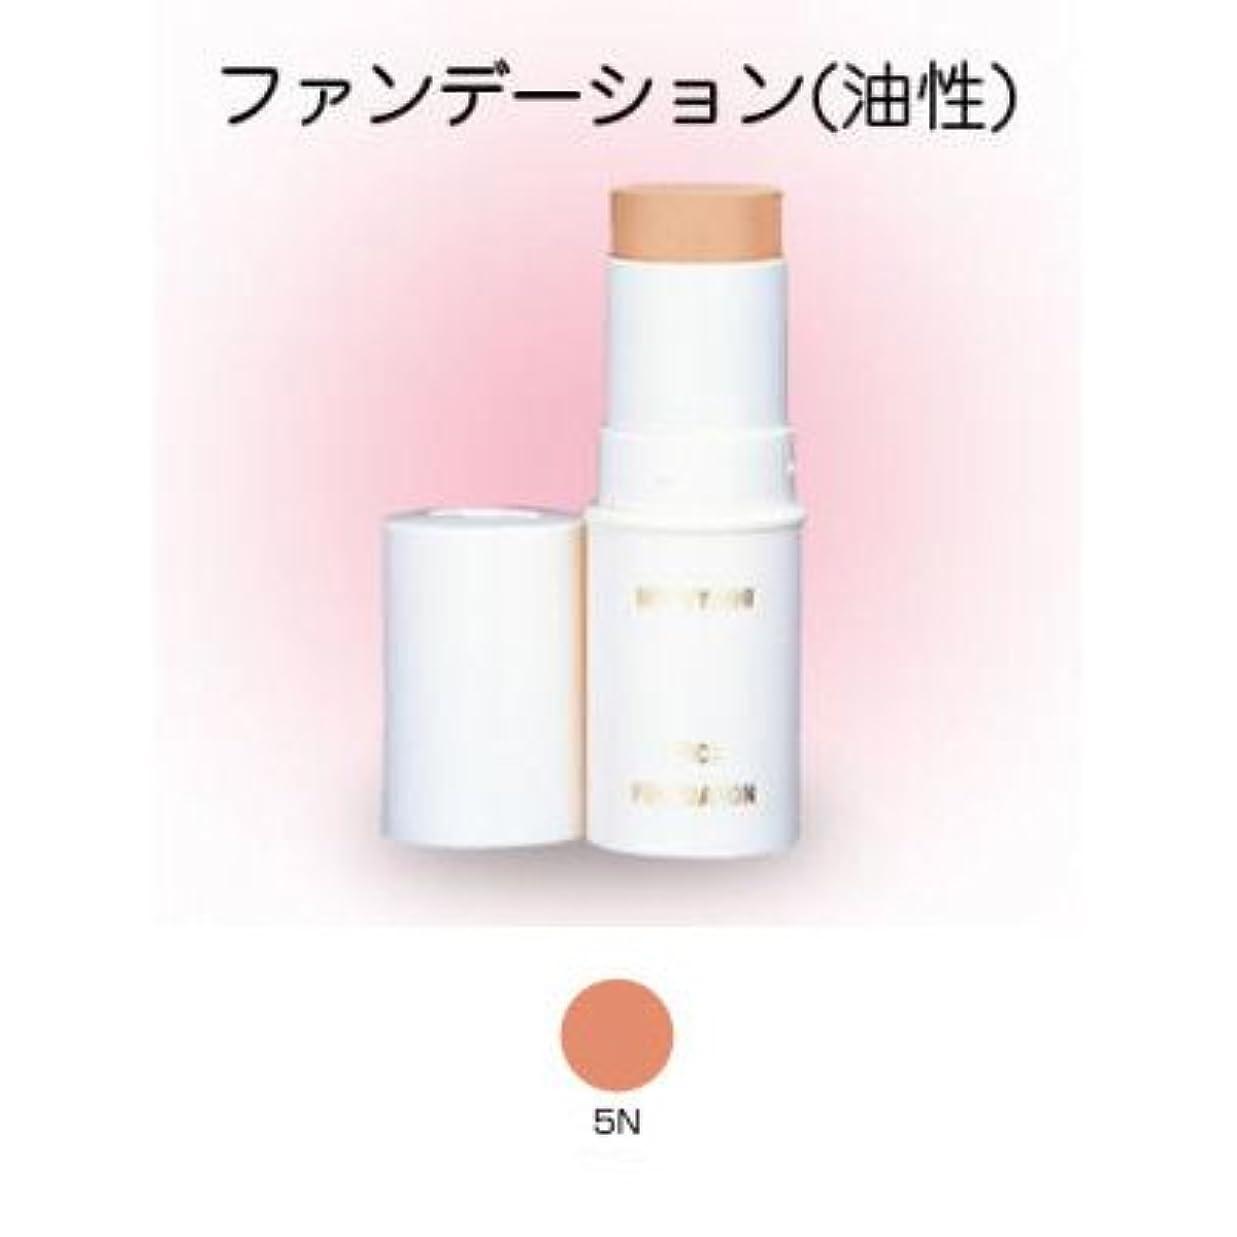 悪の塩辛いビタミンスティックファンデーション 16g 5N 【三善】